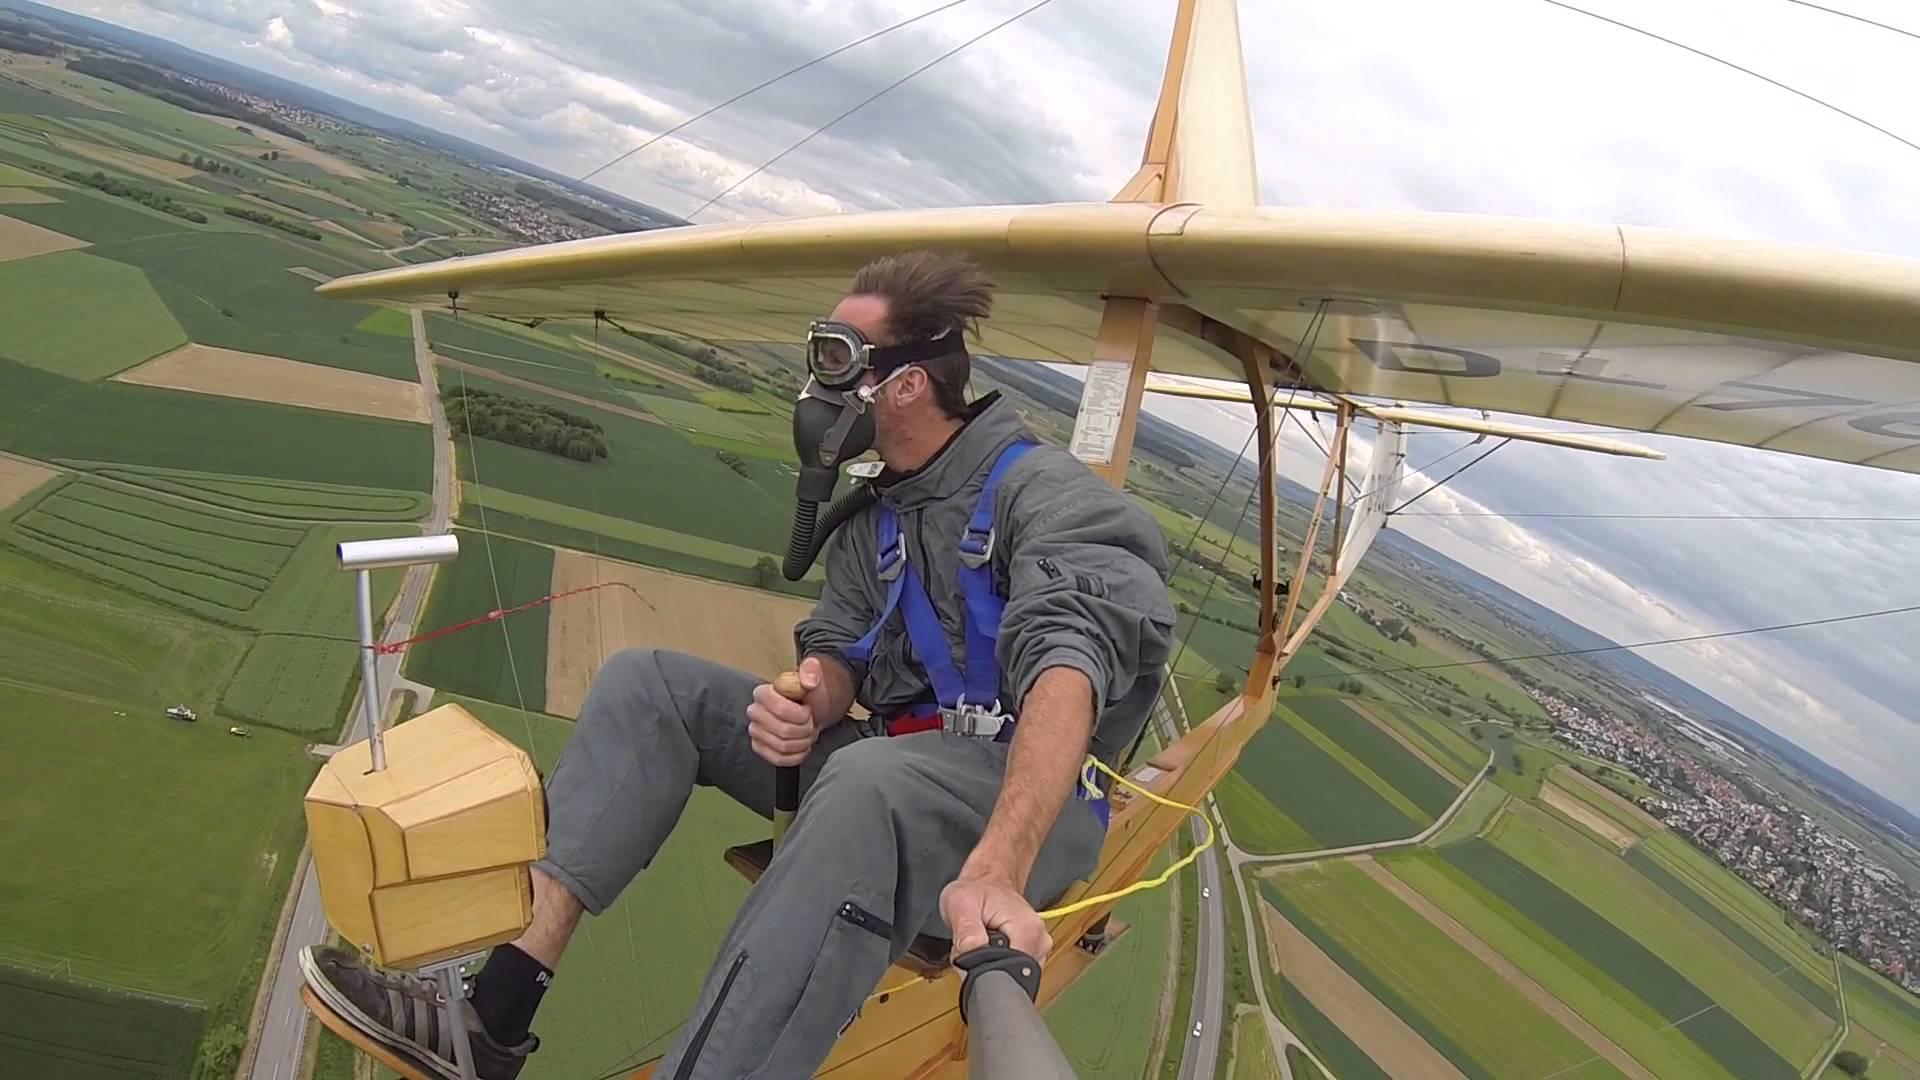 Open Air Glider Looks Fun